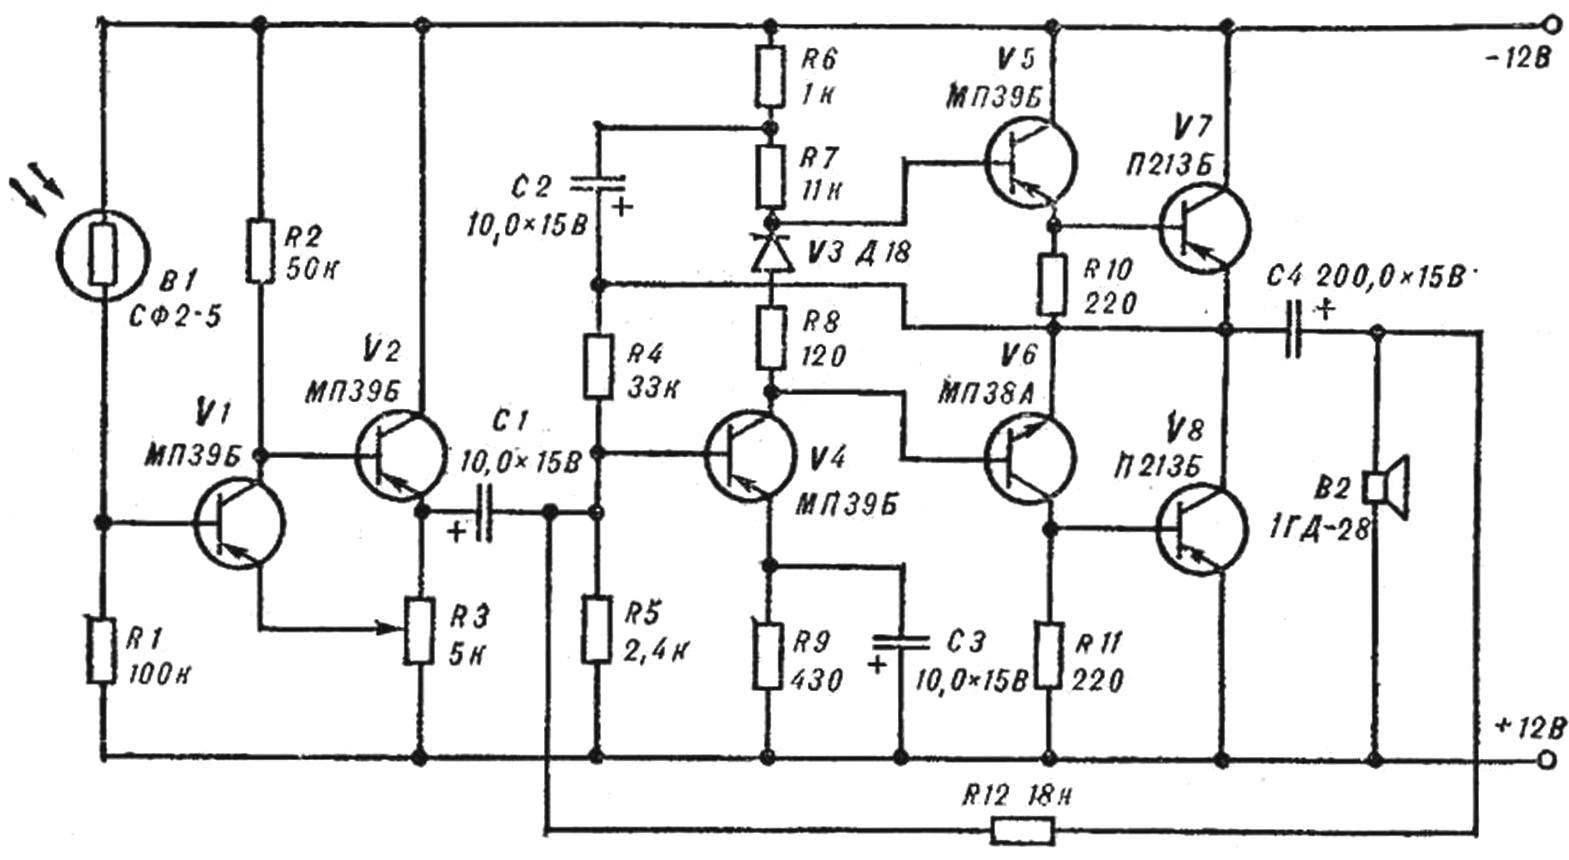 Рис. 2. Принципиальная схема фототелефона.